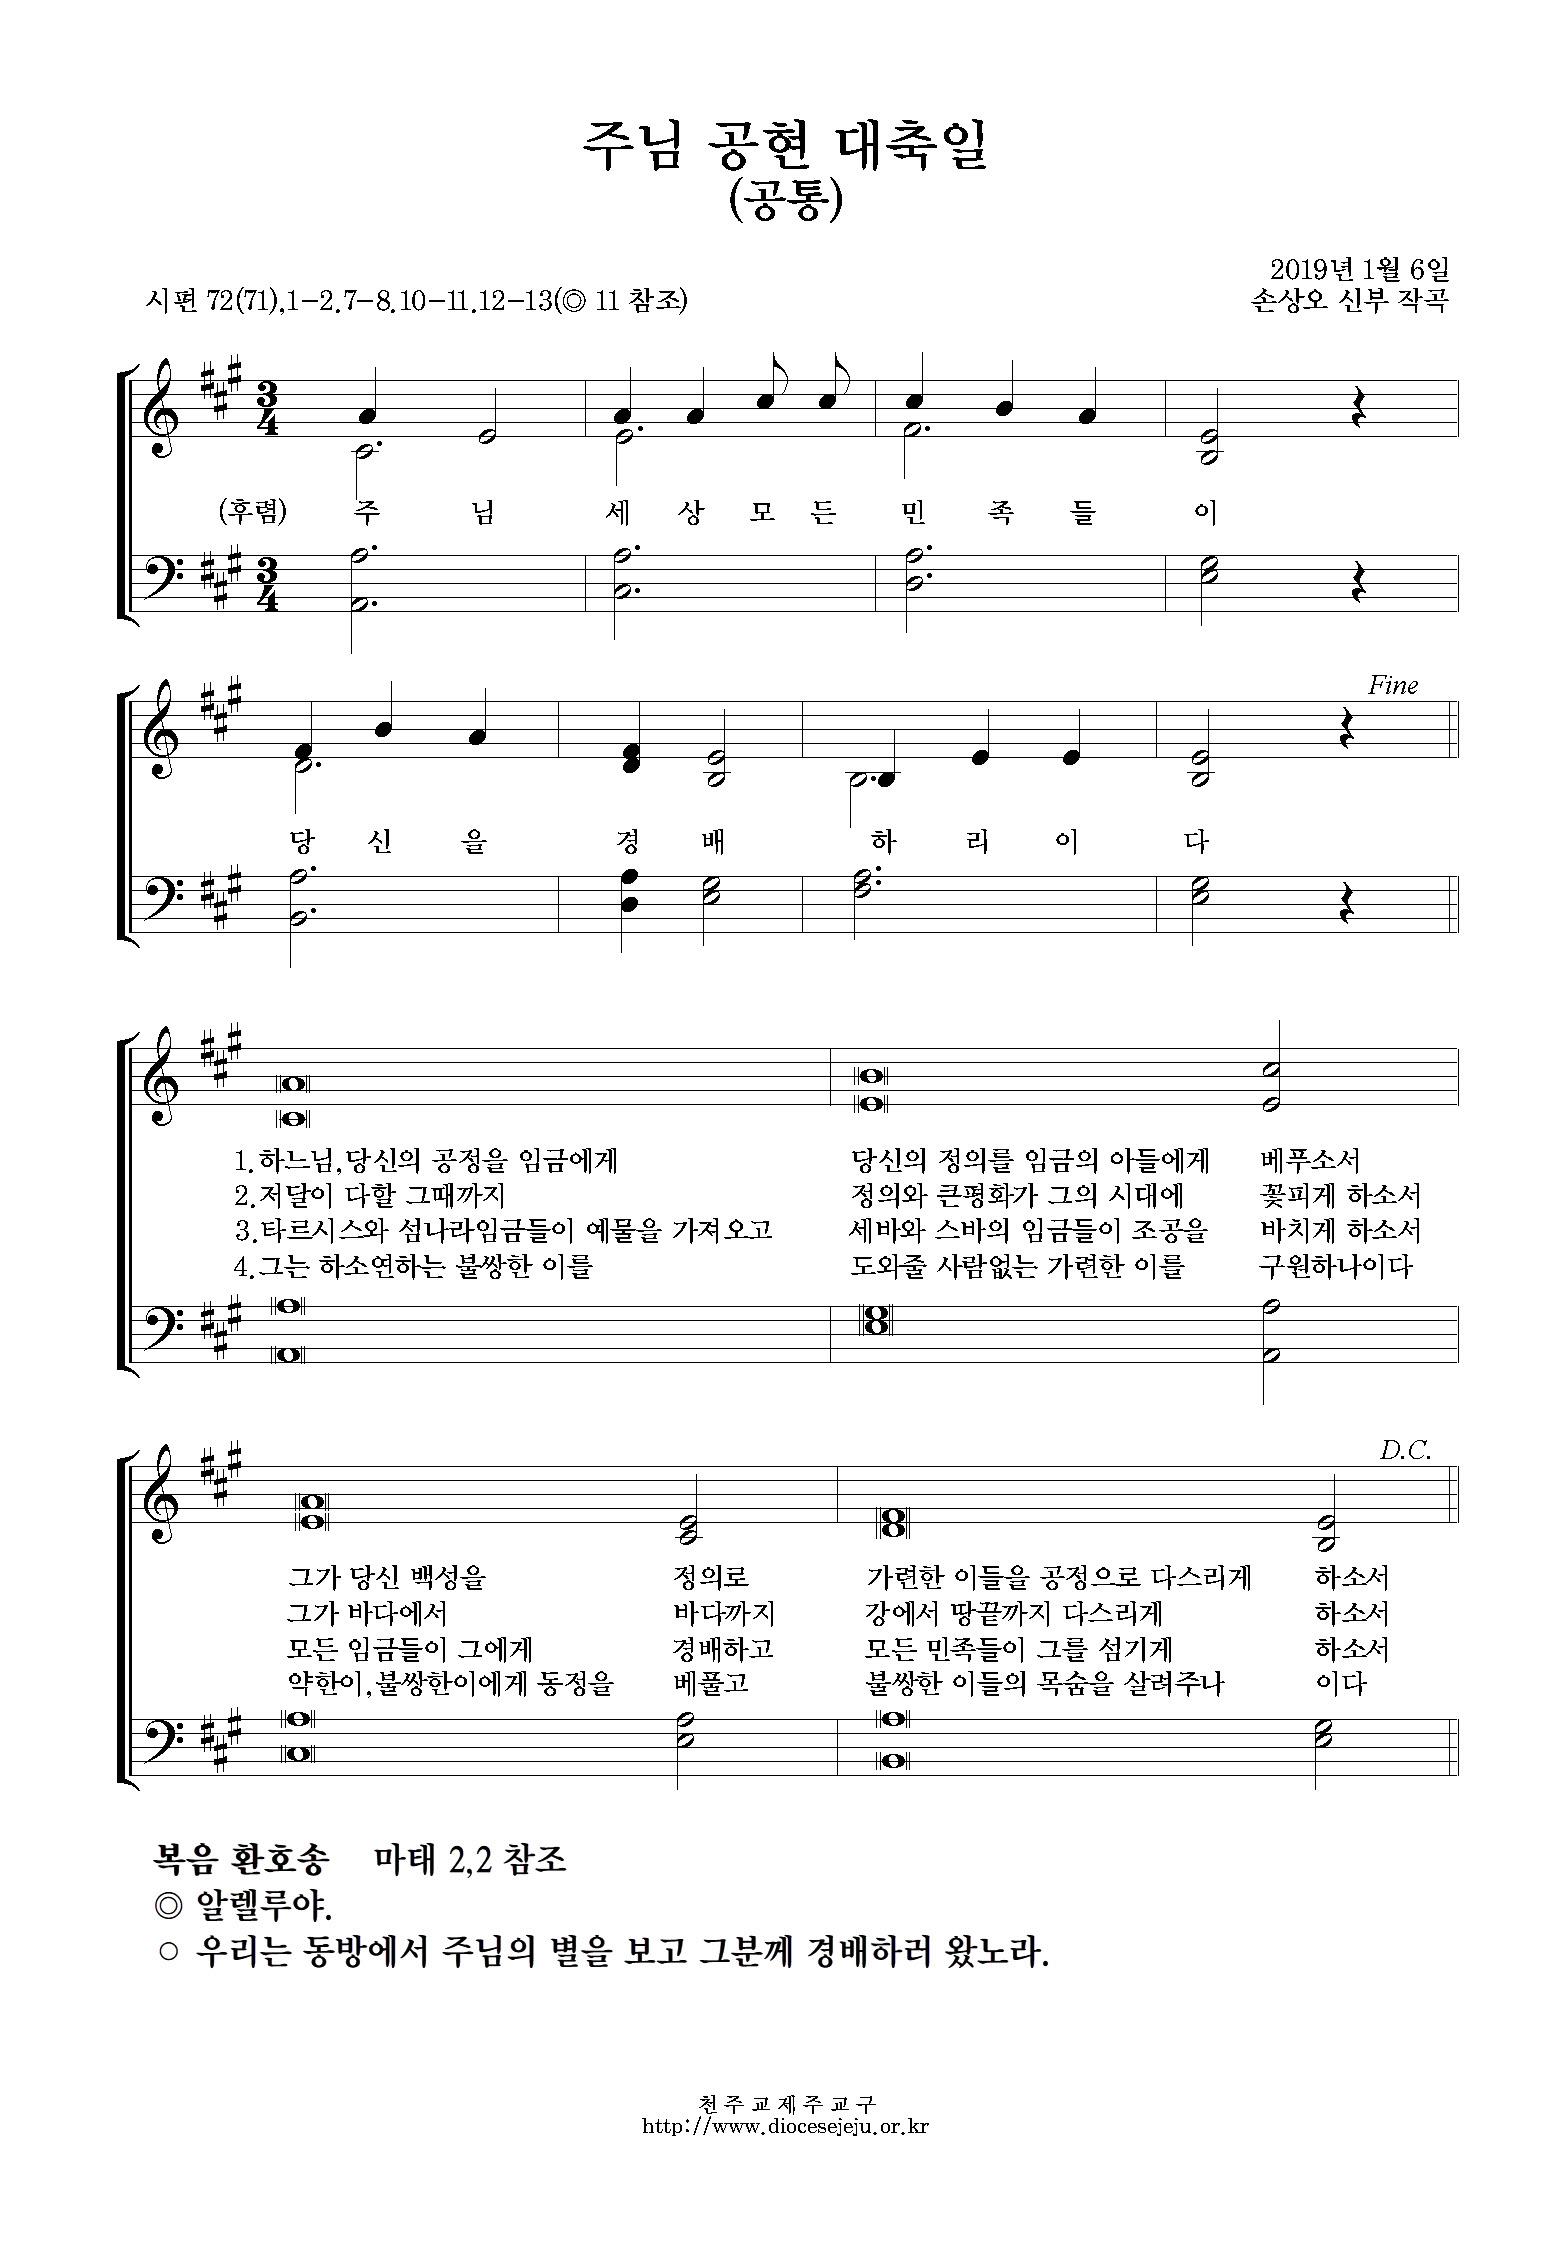 20190106-주님공현대축일(공통).jpg